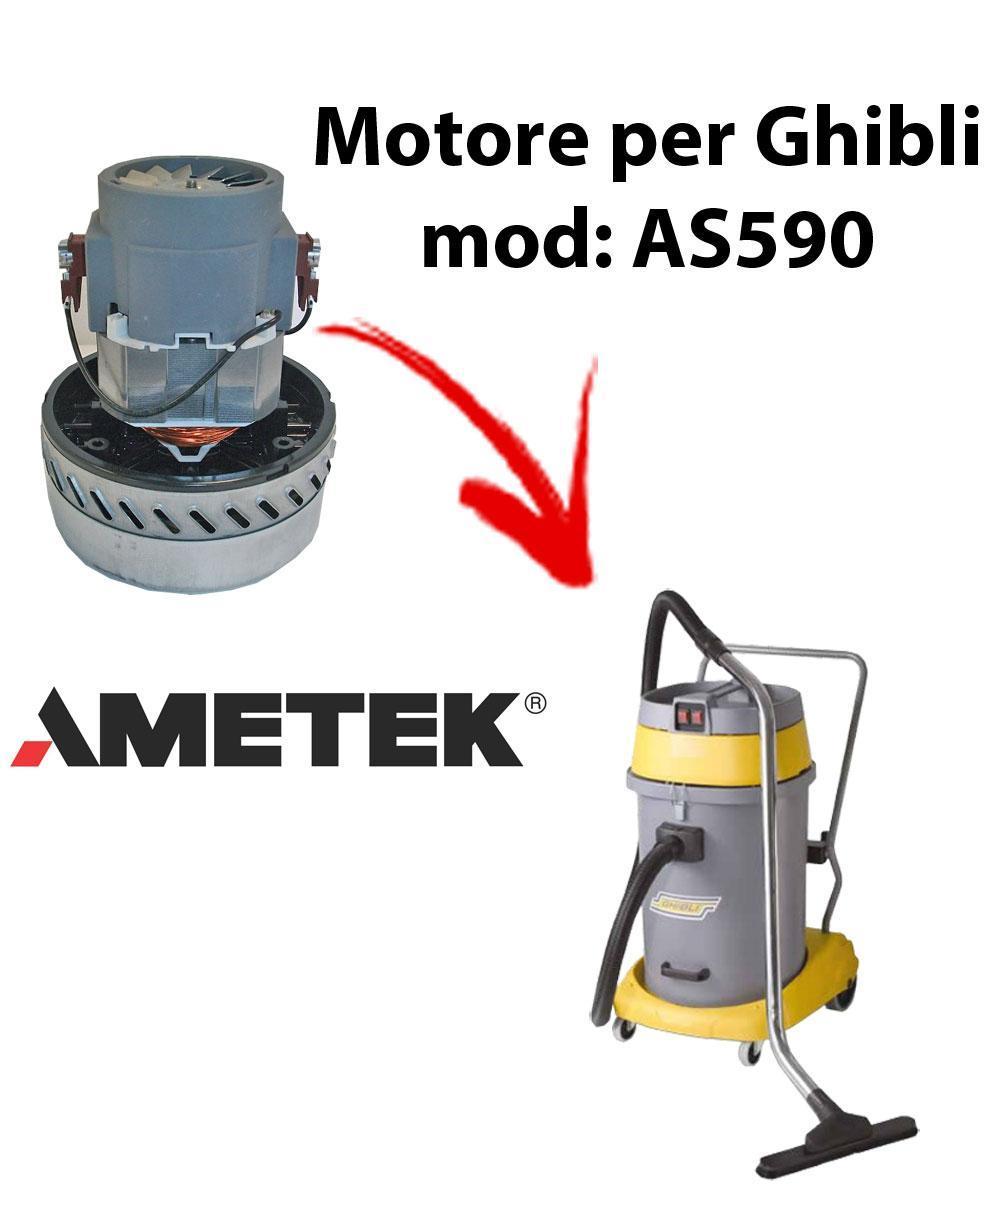 AS590  Motore de aspiración AMETEK para aspiradora y aspiradora húmeda GHIBLI